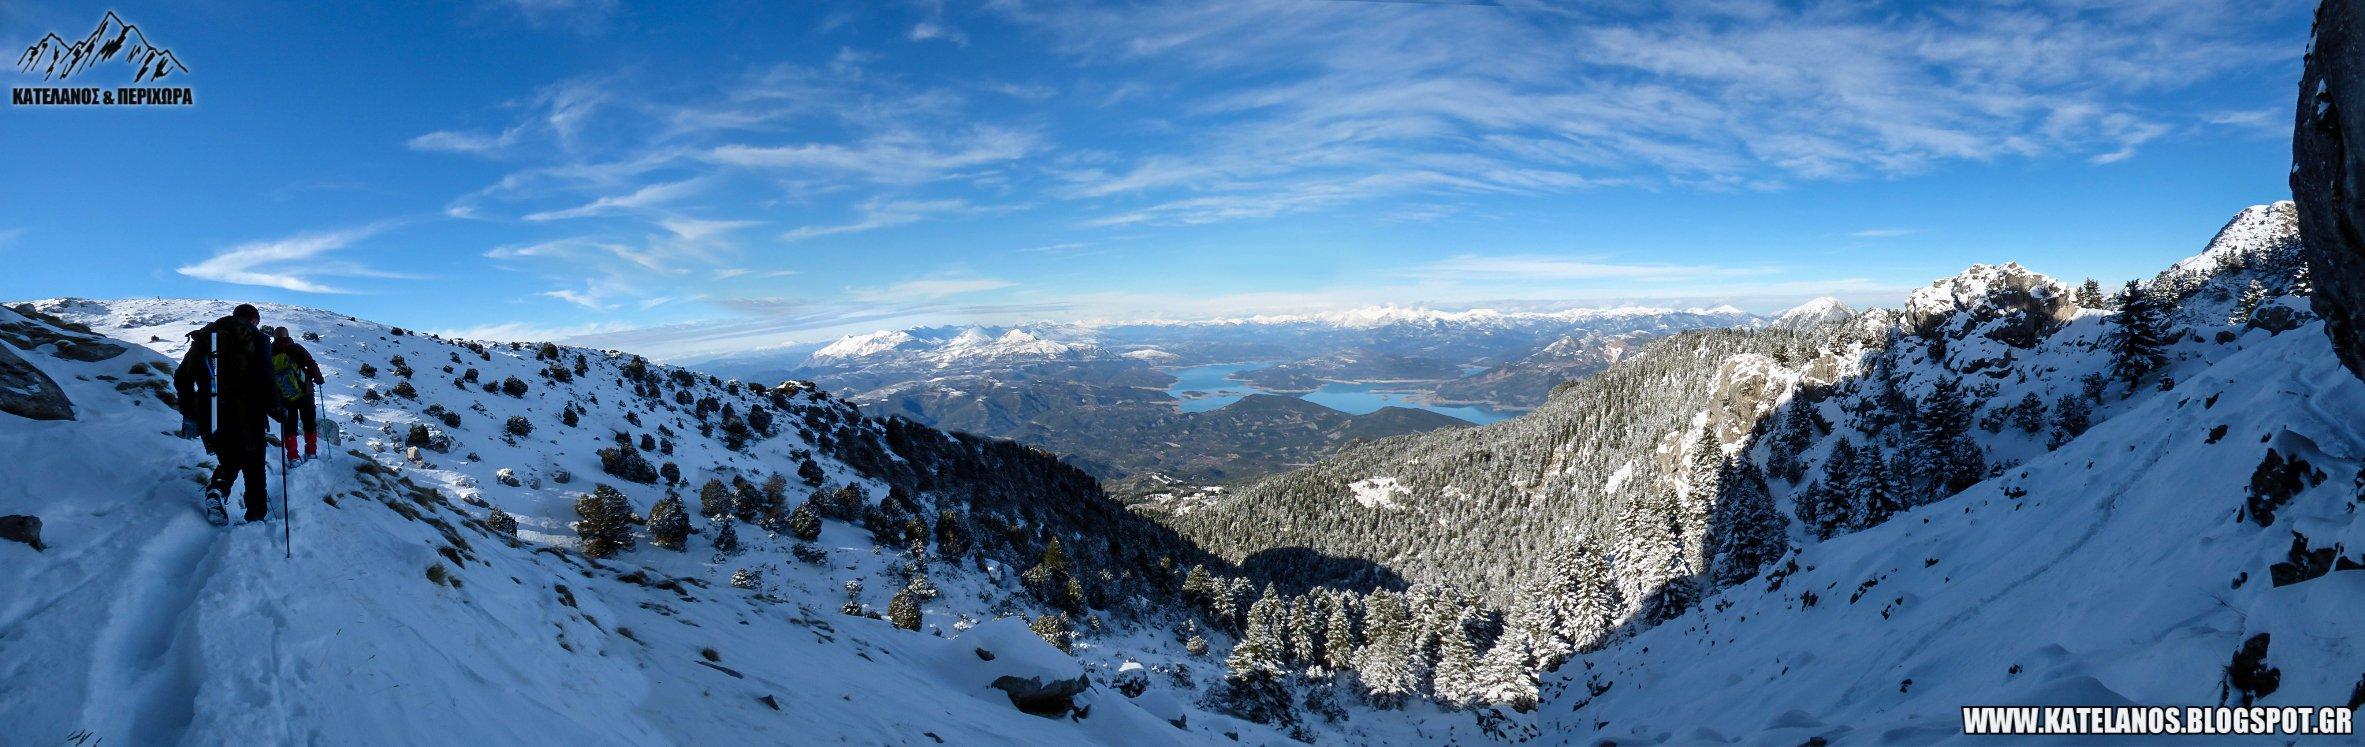 πεζοπορικες διαδρομες στο παναιτωλικο ορος χειμερινη αναβαση ανω αγιος βλασιος αιτωλοακαρνανιας